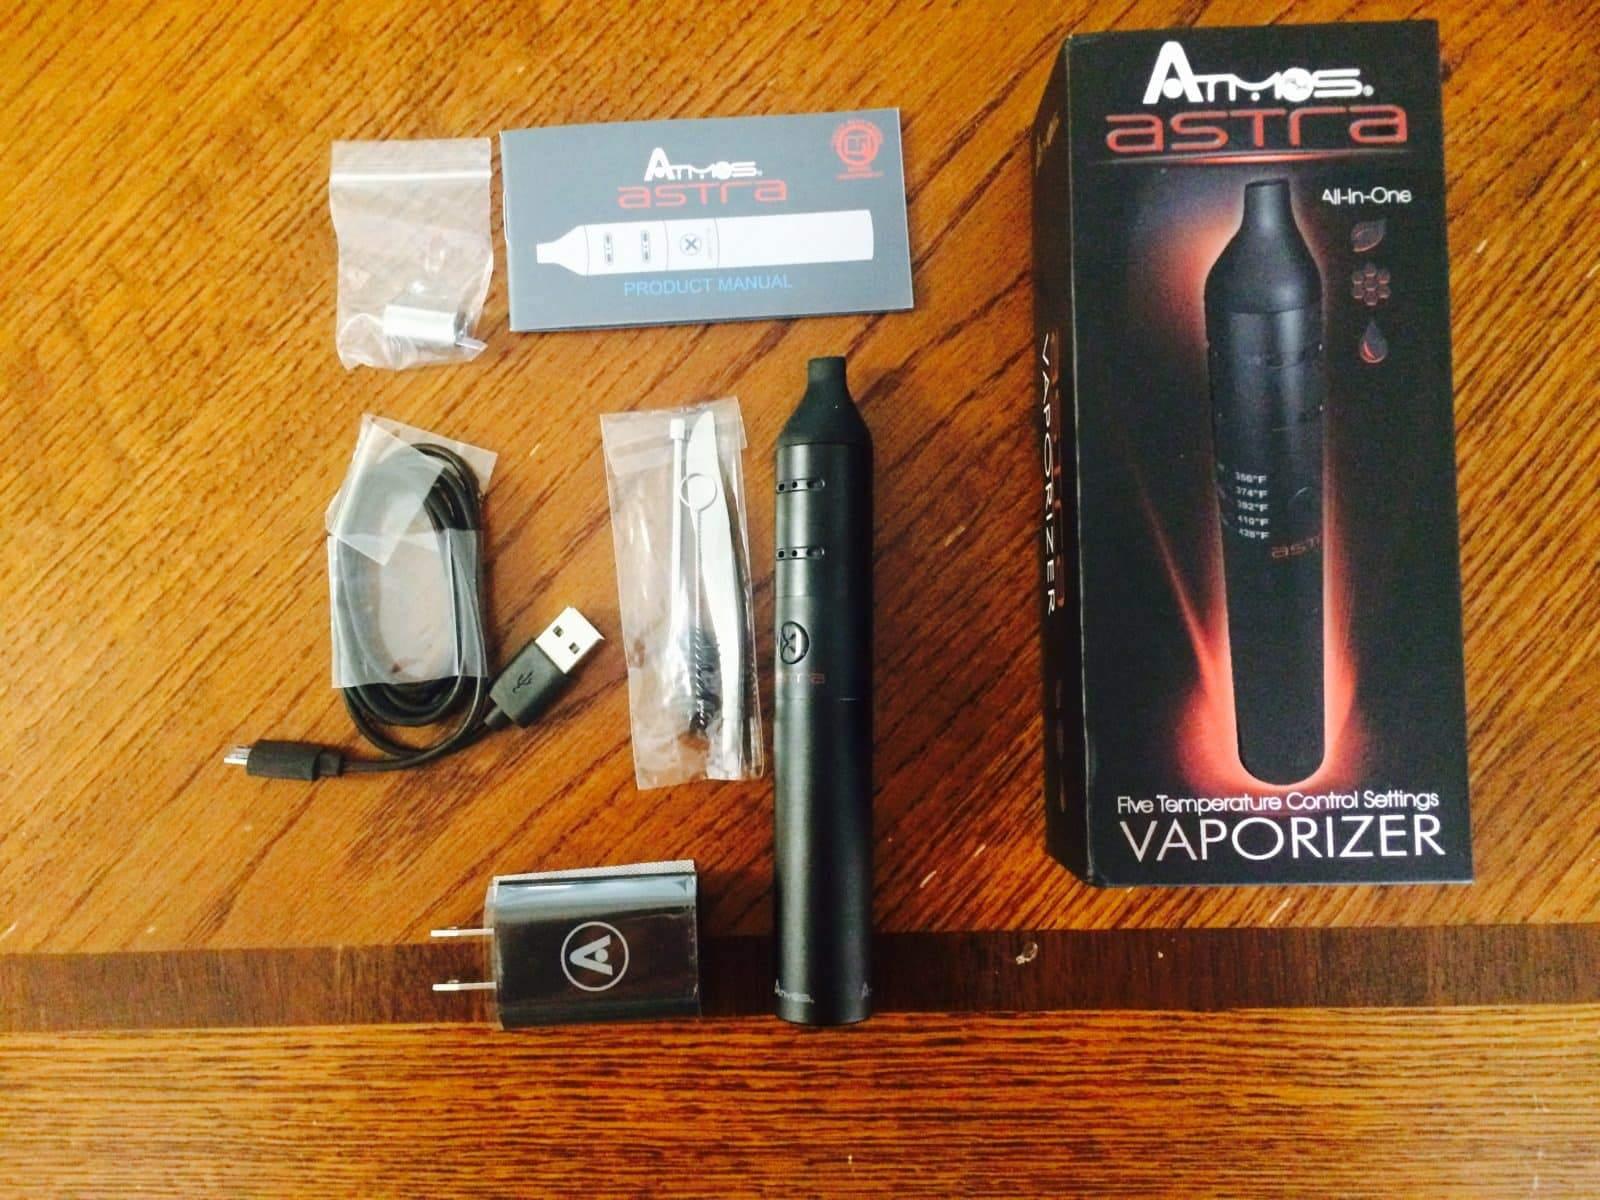 Atmos Astra Review